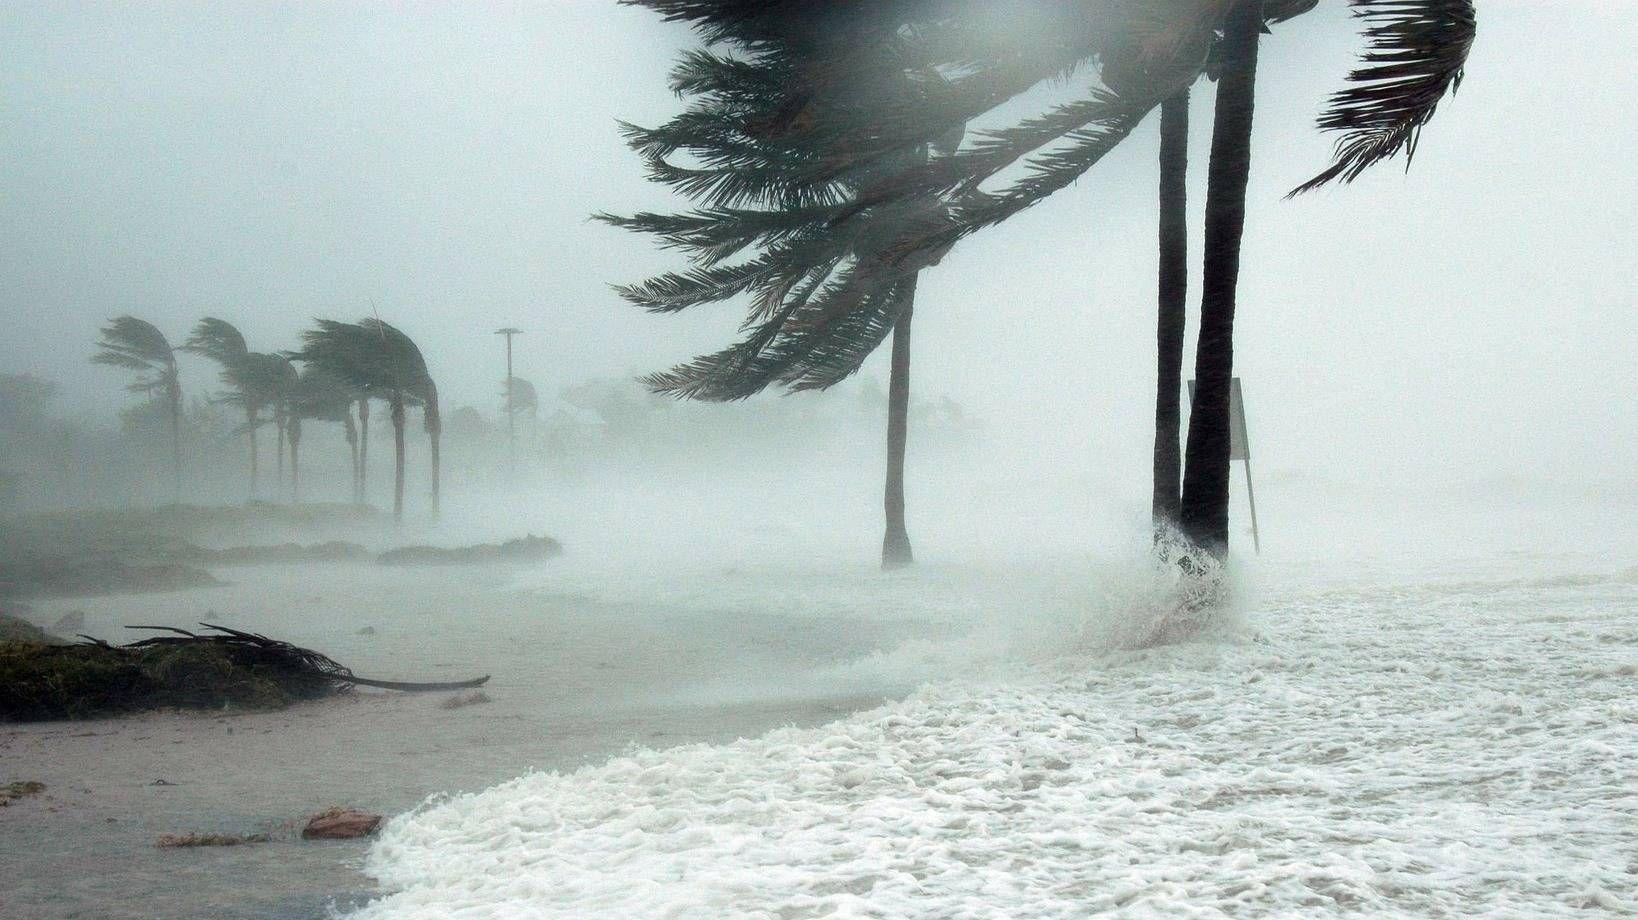 Жертвой урагана «Пабук» в Таиланде стал один человек